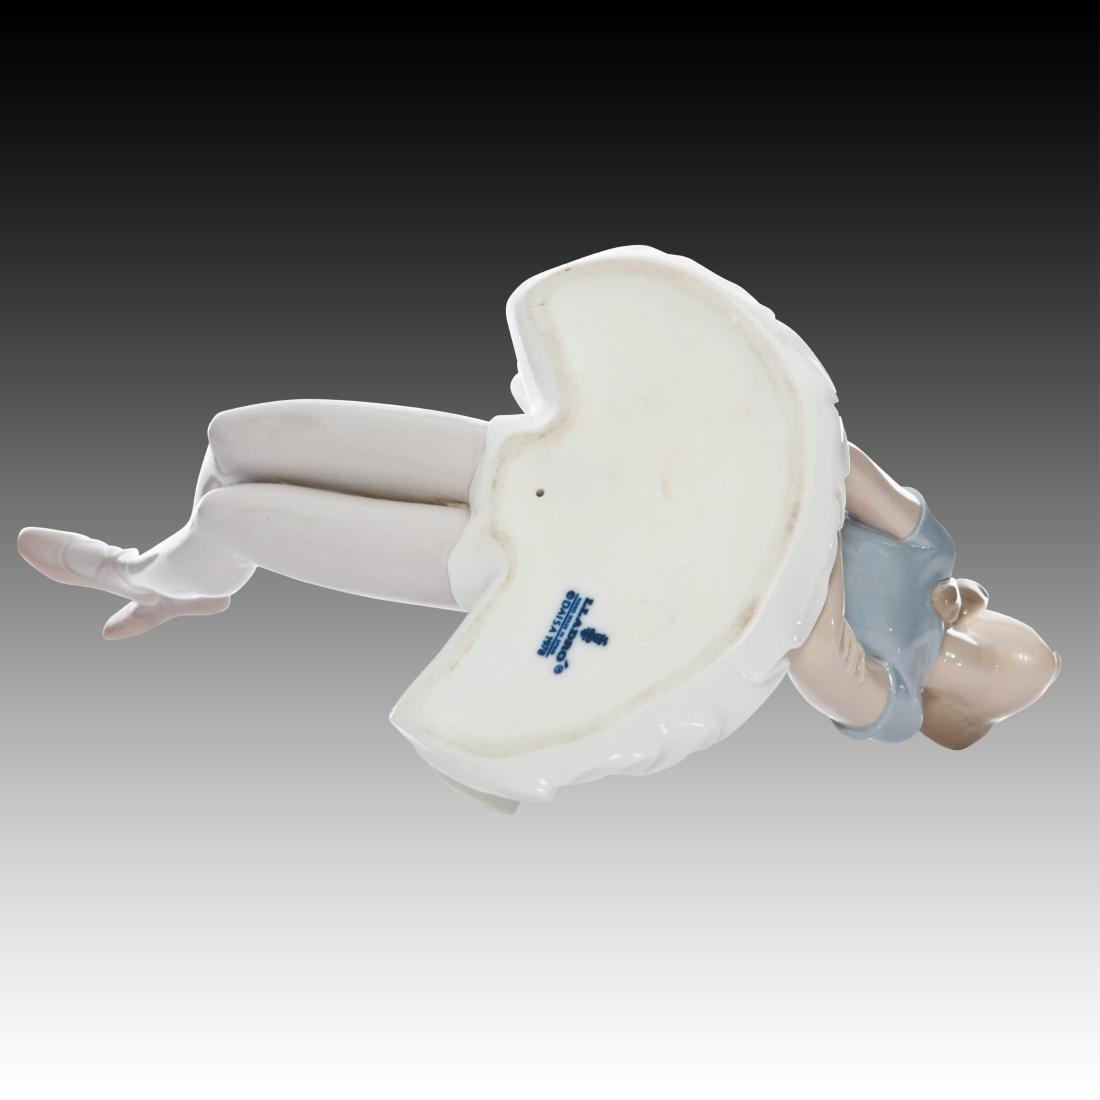 """Lladro Ballerina Dancer Figurine """"Heather"""" # 1359 - 4"""